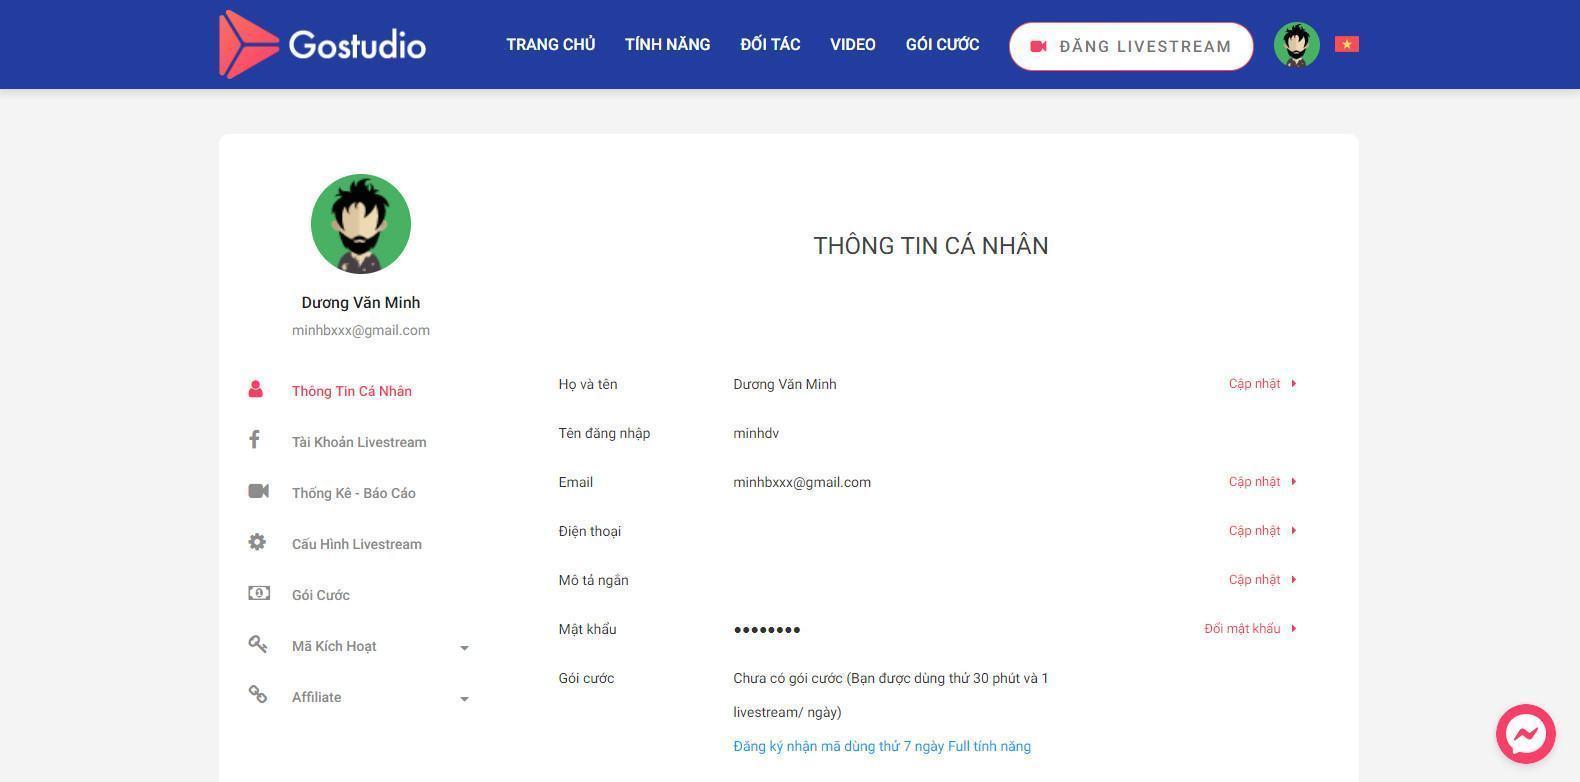 Hình ảnh giao diện sau khi đăng nhập tài khoản Gostudio